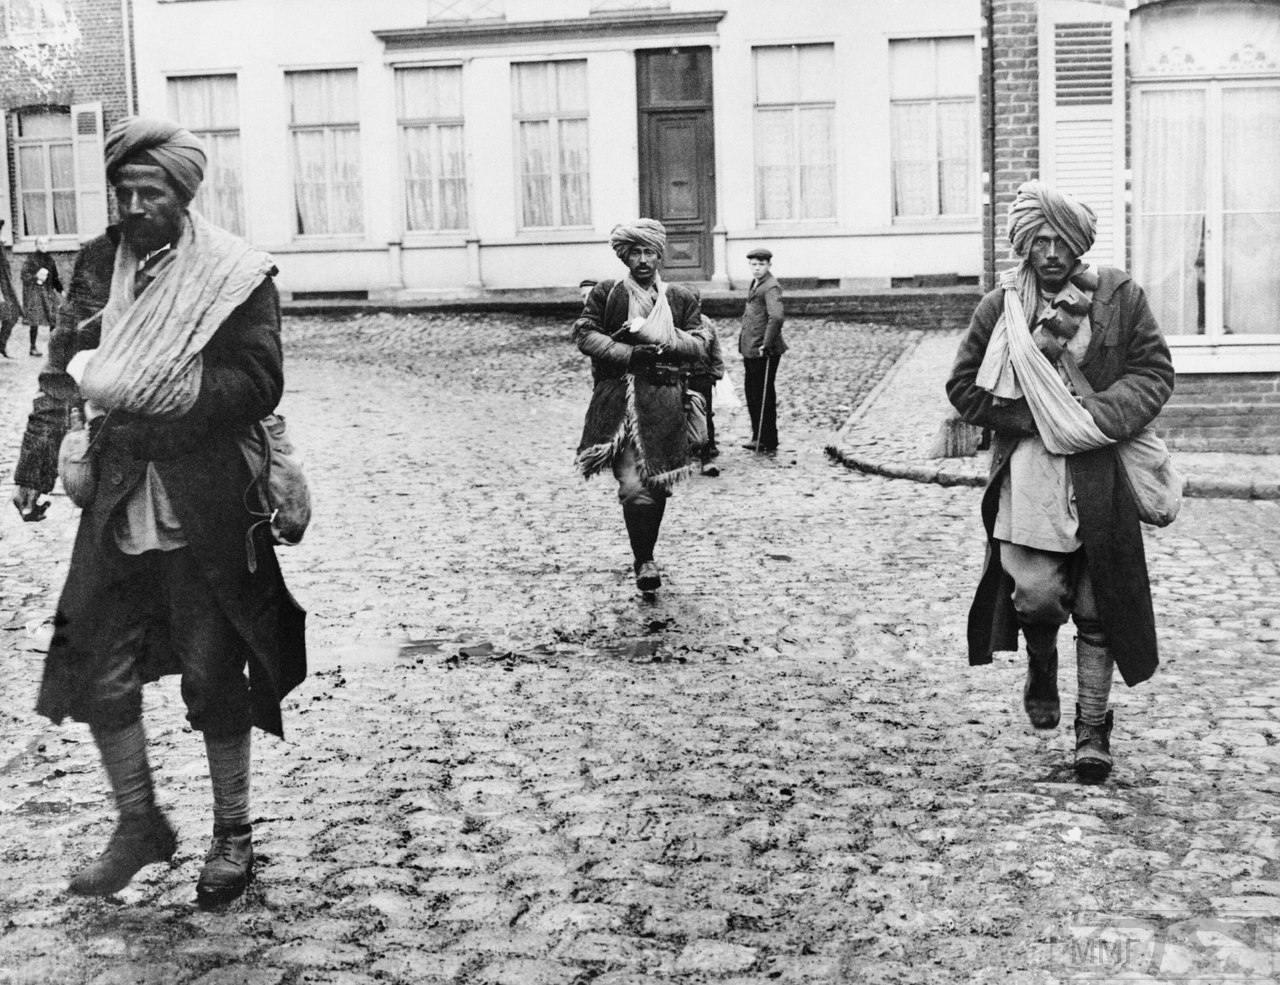 19242 - Группа раненых солдат британской индийской армии на улице французской деревни, 31 октября 1914 г.